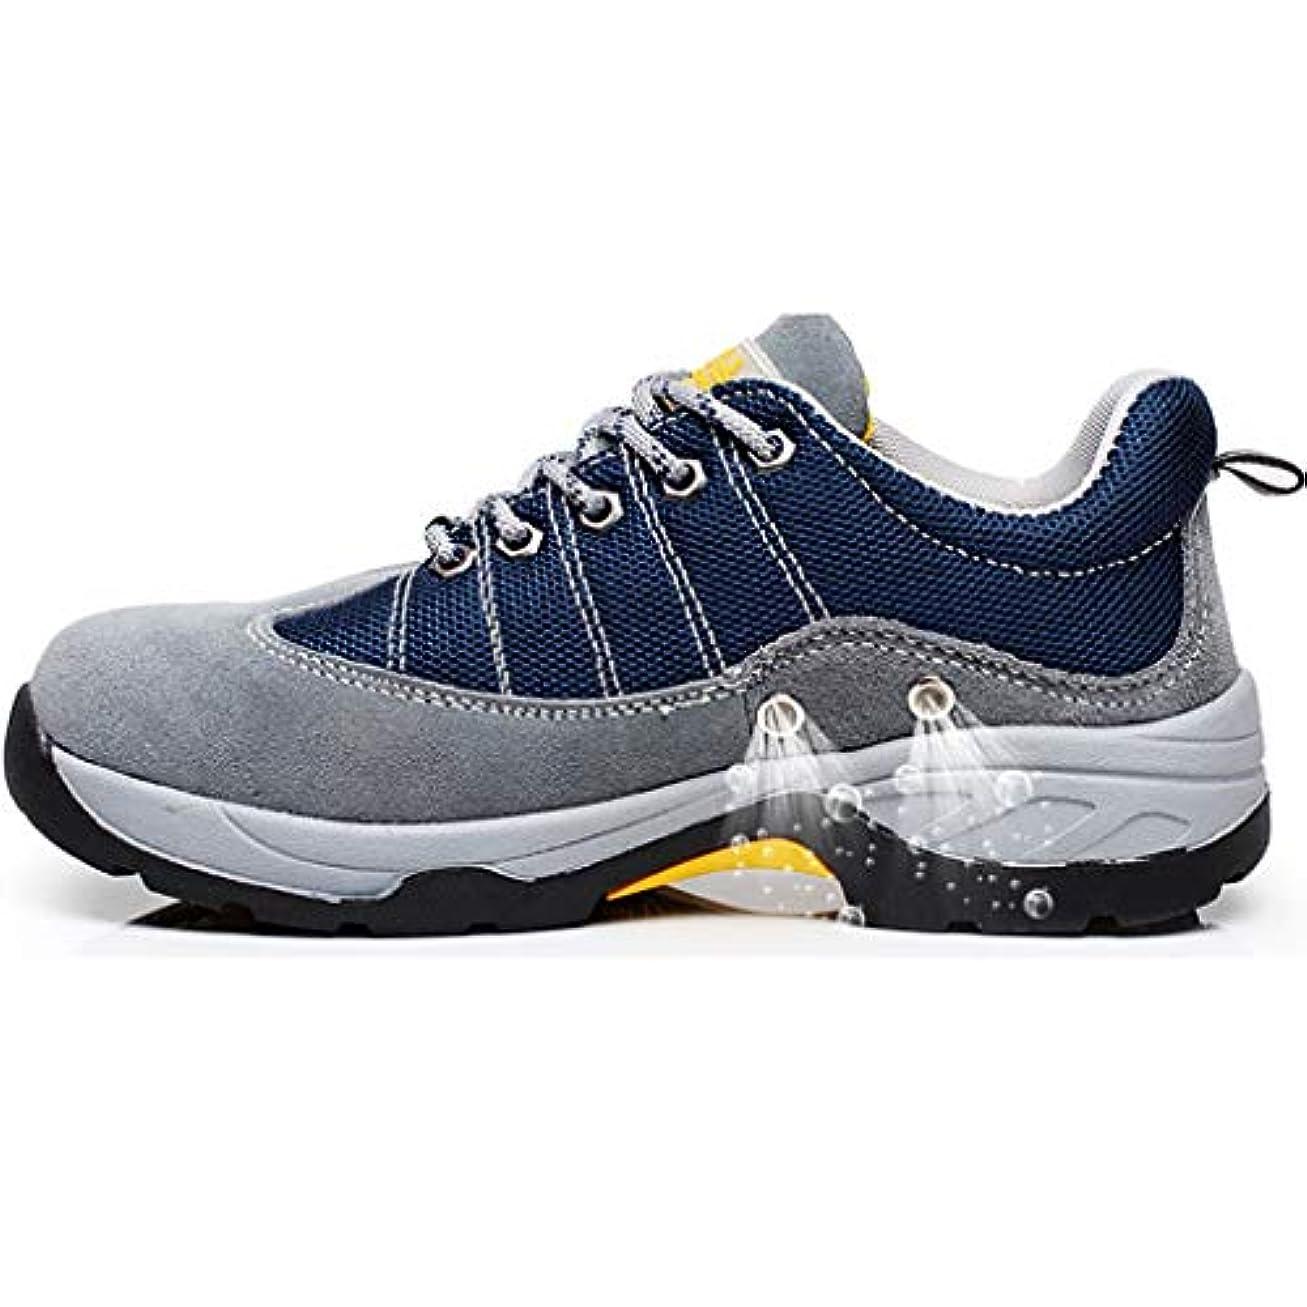 露出度の高いめ言葉生き残り作業靴 メンズダニ対策?防臭保護靴、突き刺さりの貫通作業靴、耐摩耗性滑り止め安全靴 安全靴 (色 : A, サイズ さいず : 41)